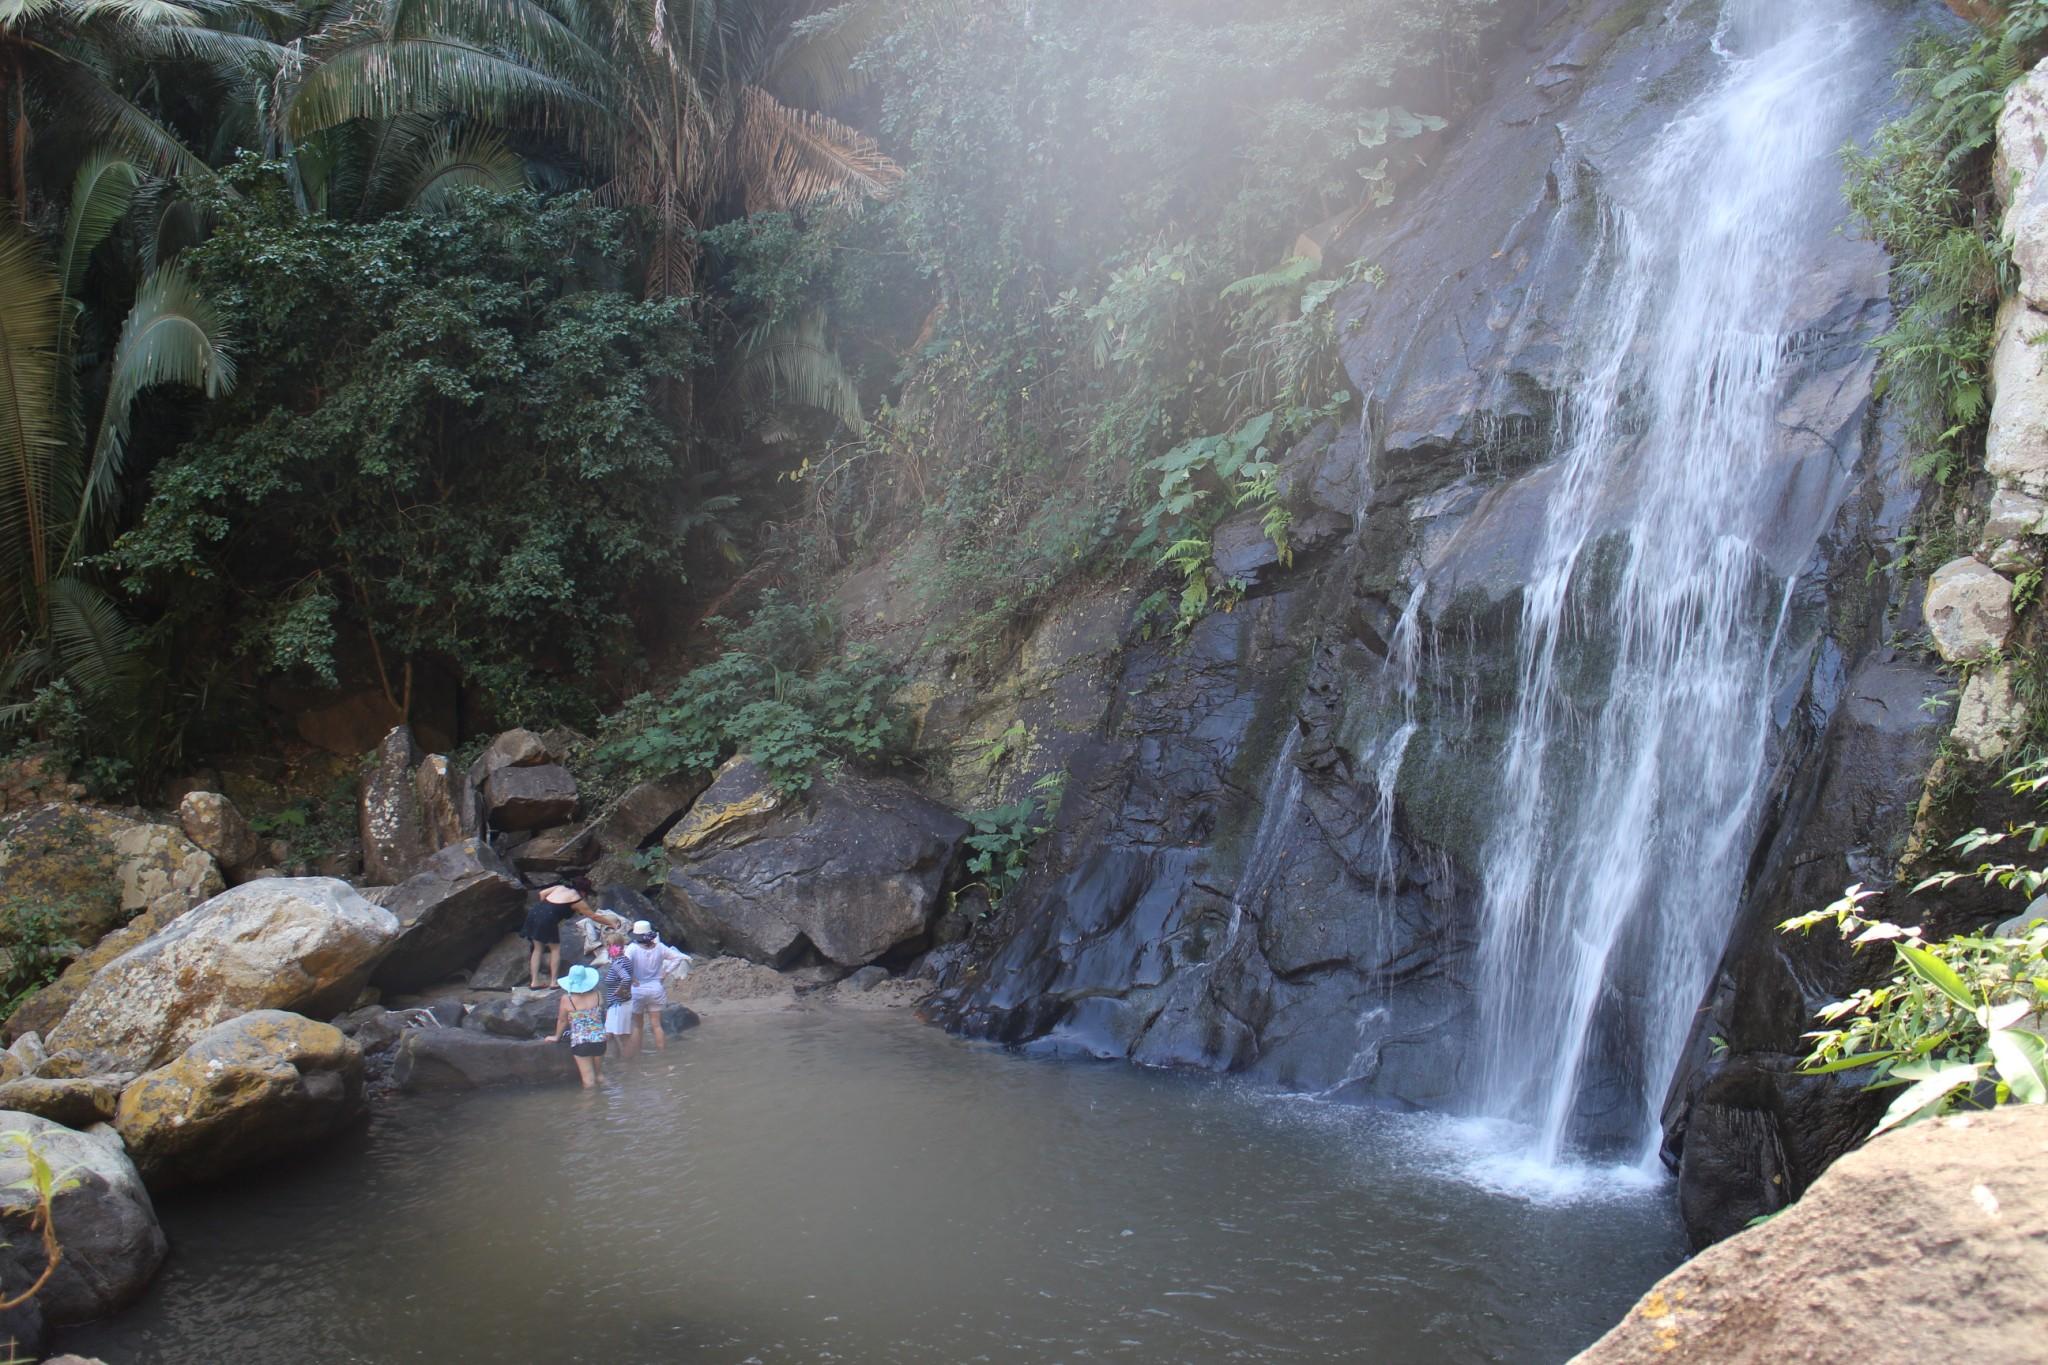 Yelapa waterfall swimming